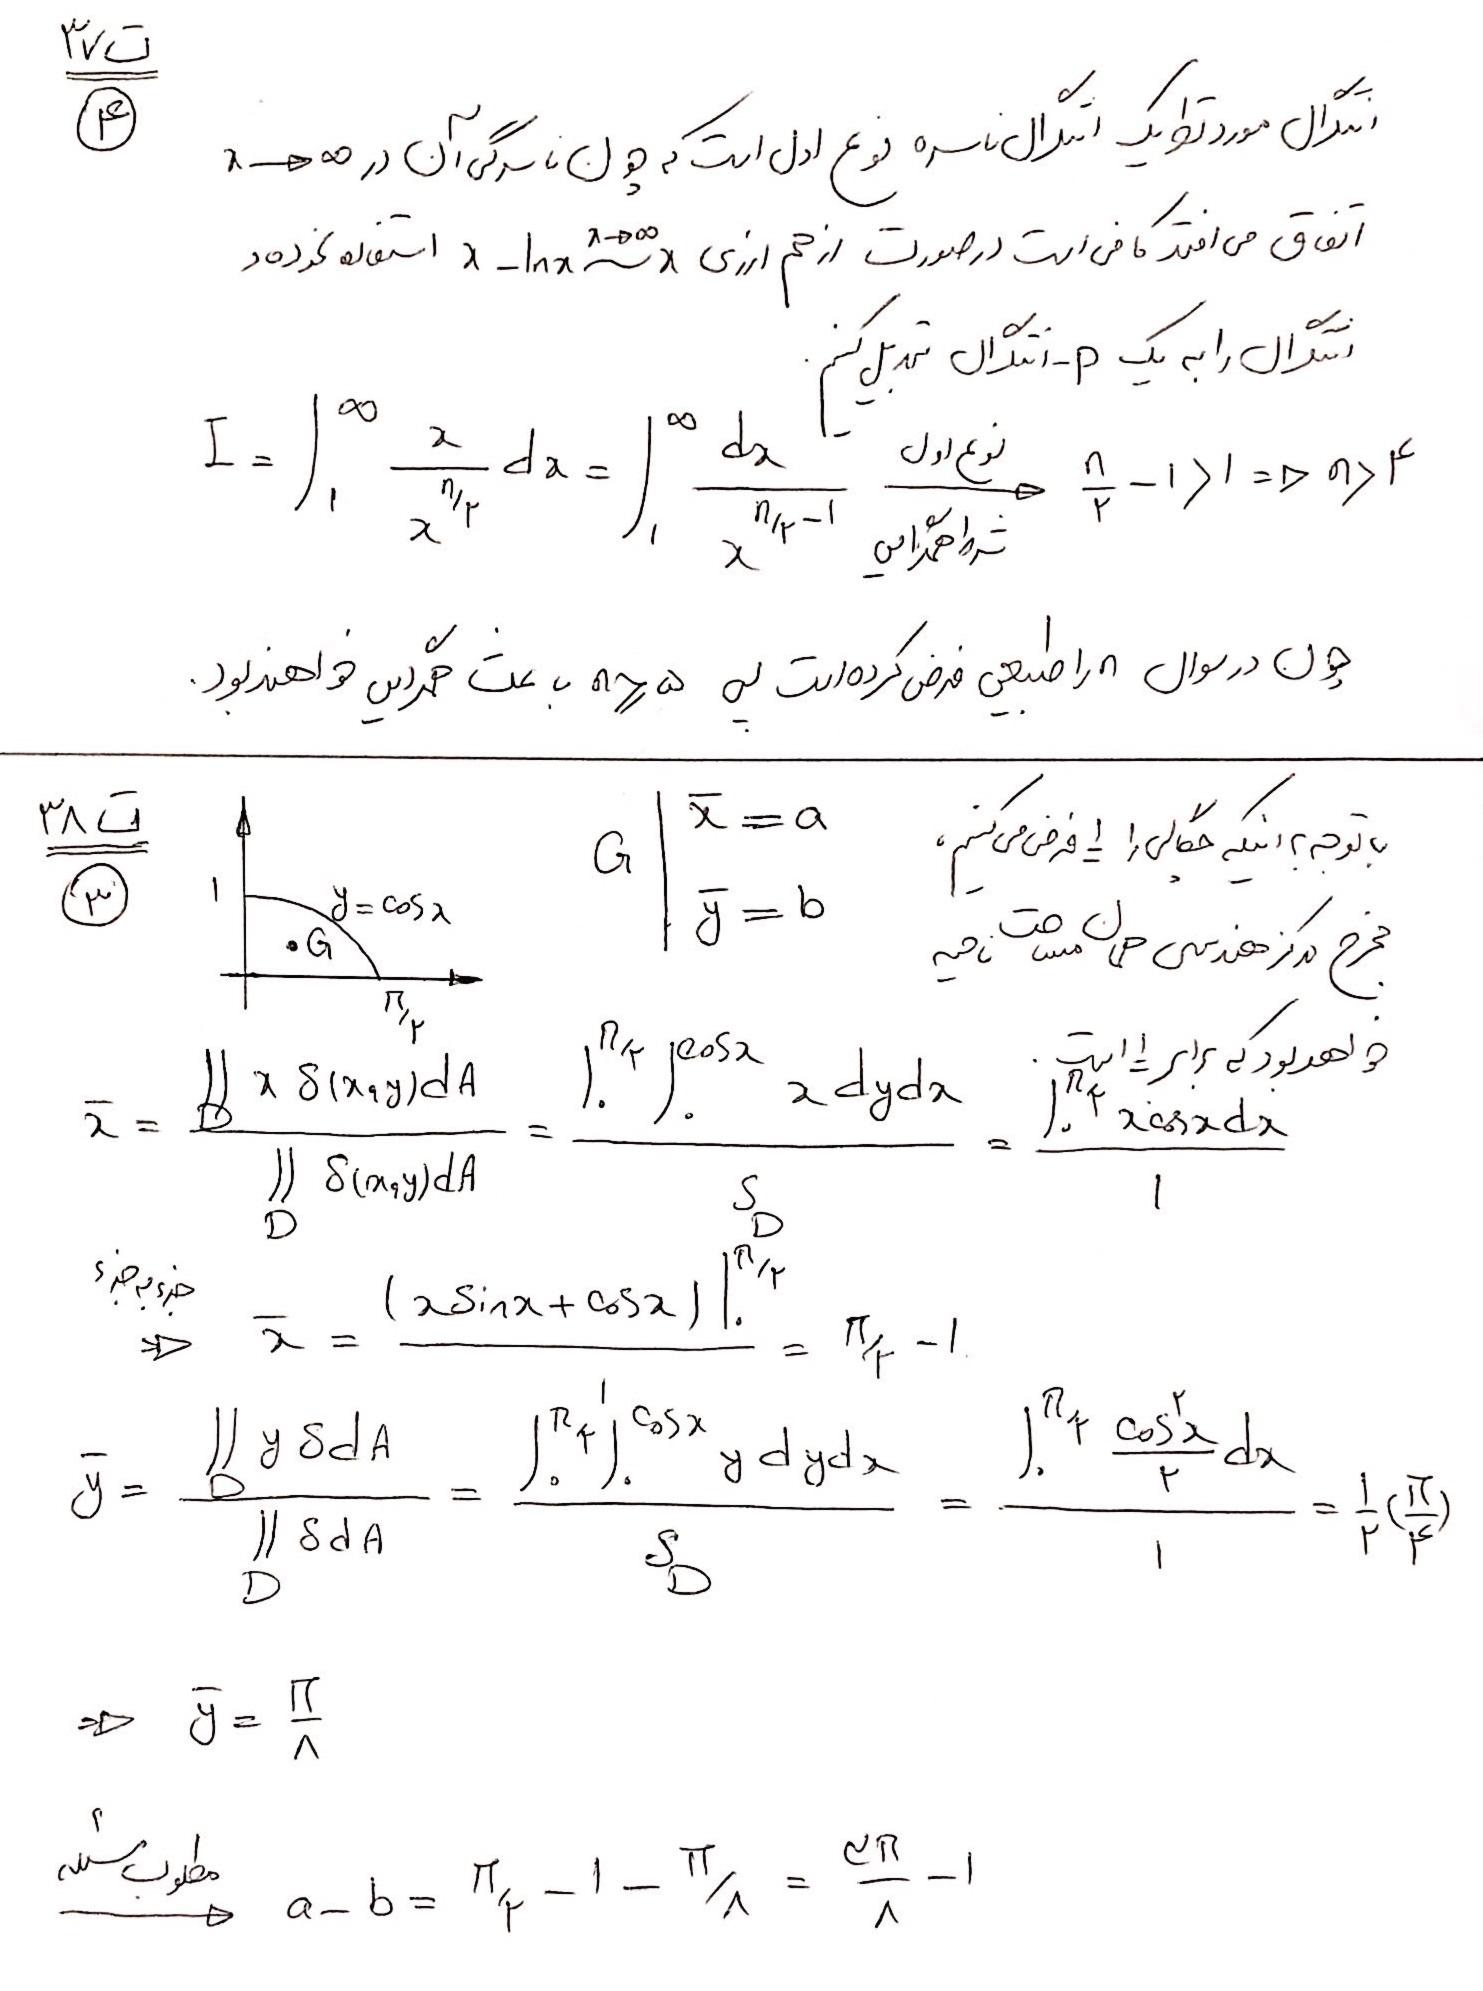 ریاضی 1و2 رشته مکانیک 98